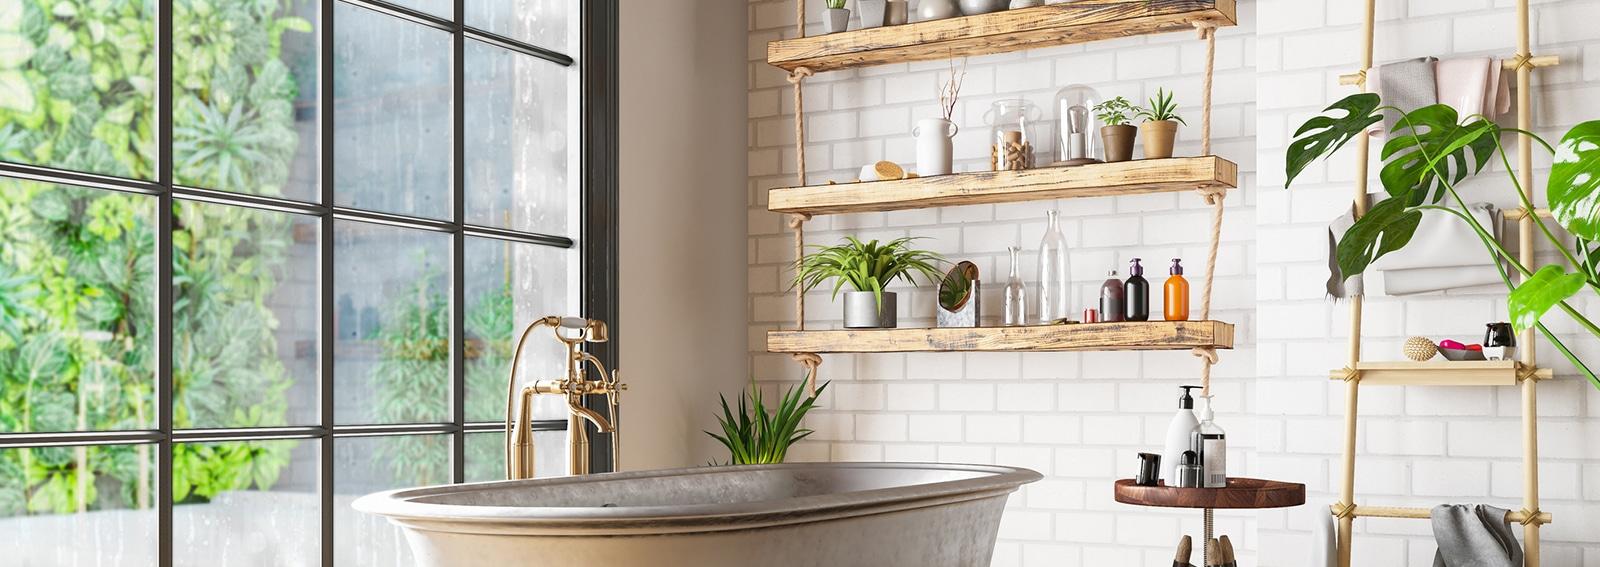 come arredare bagno naturale cover desktop